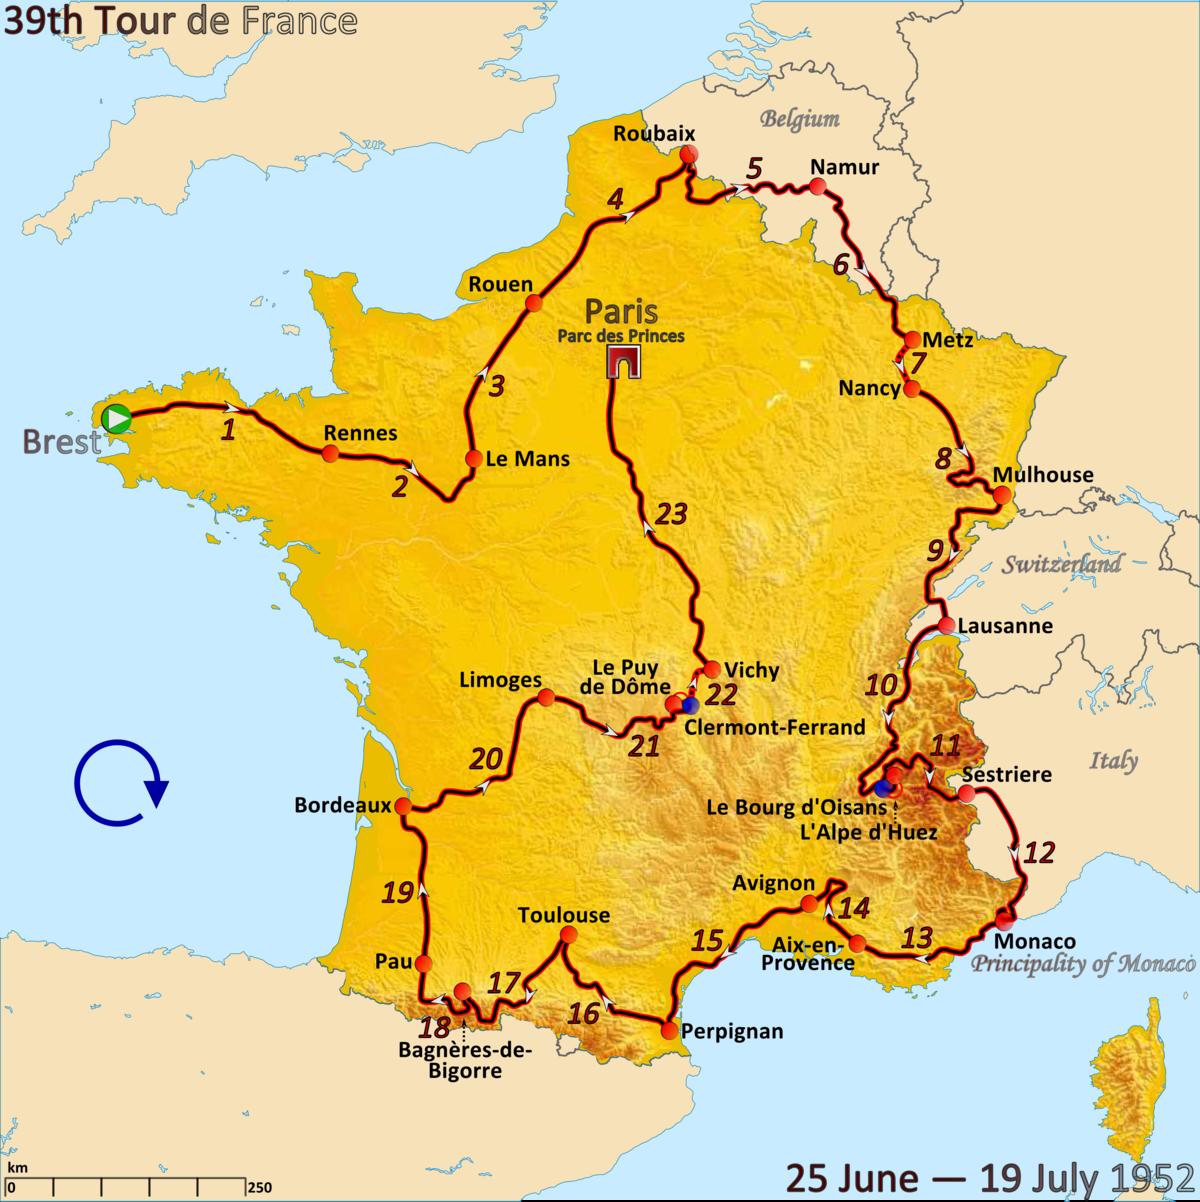 1952 Tour De France